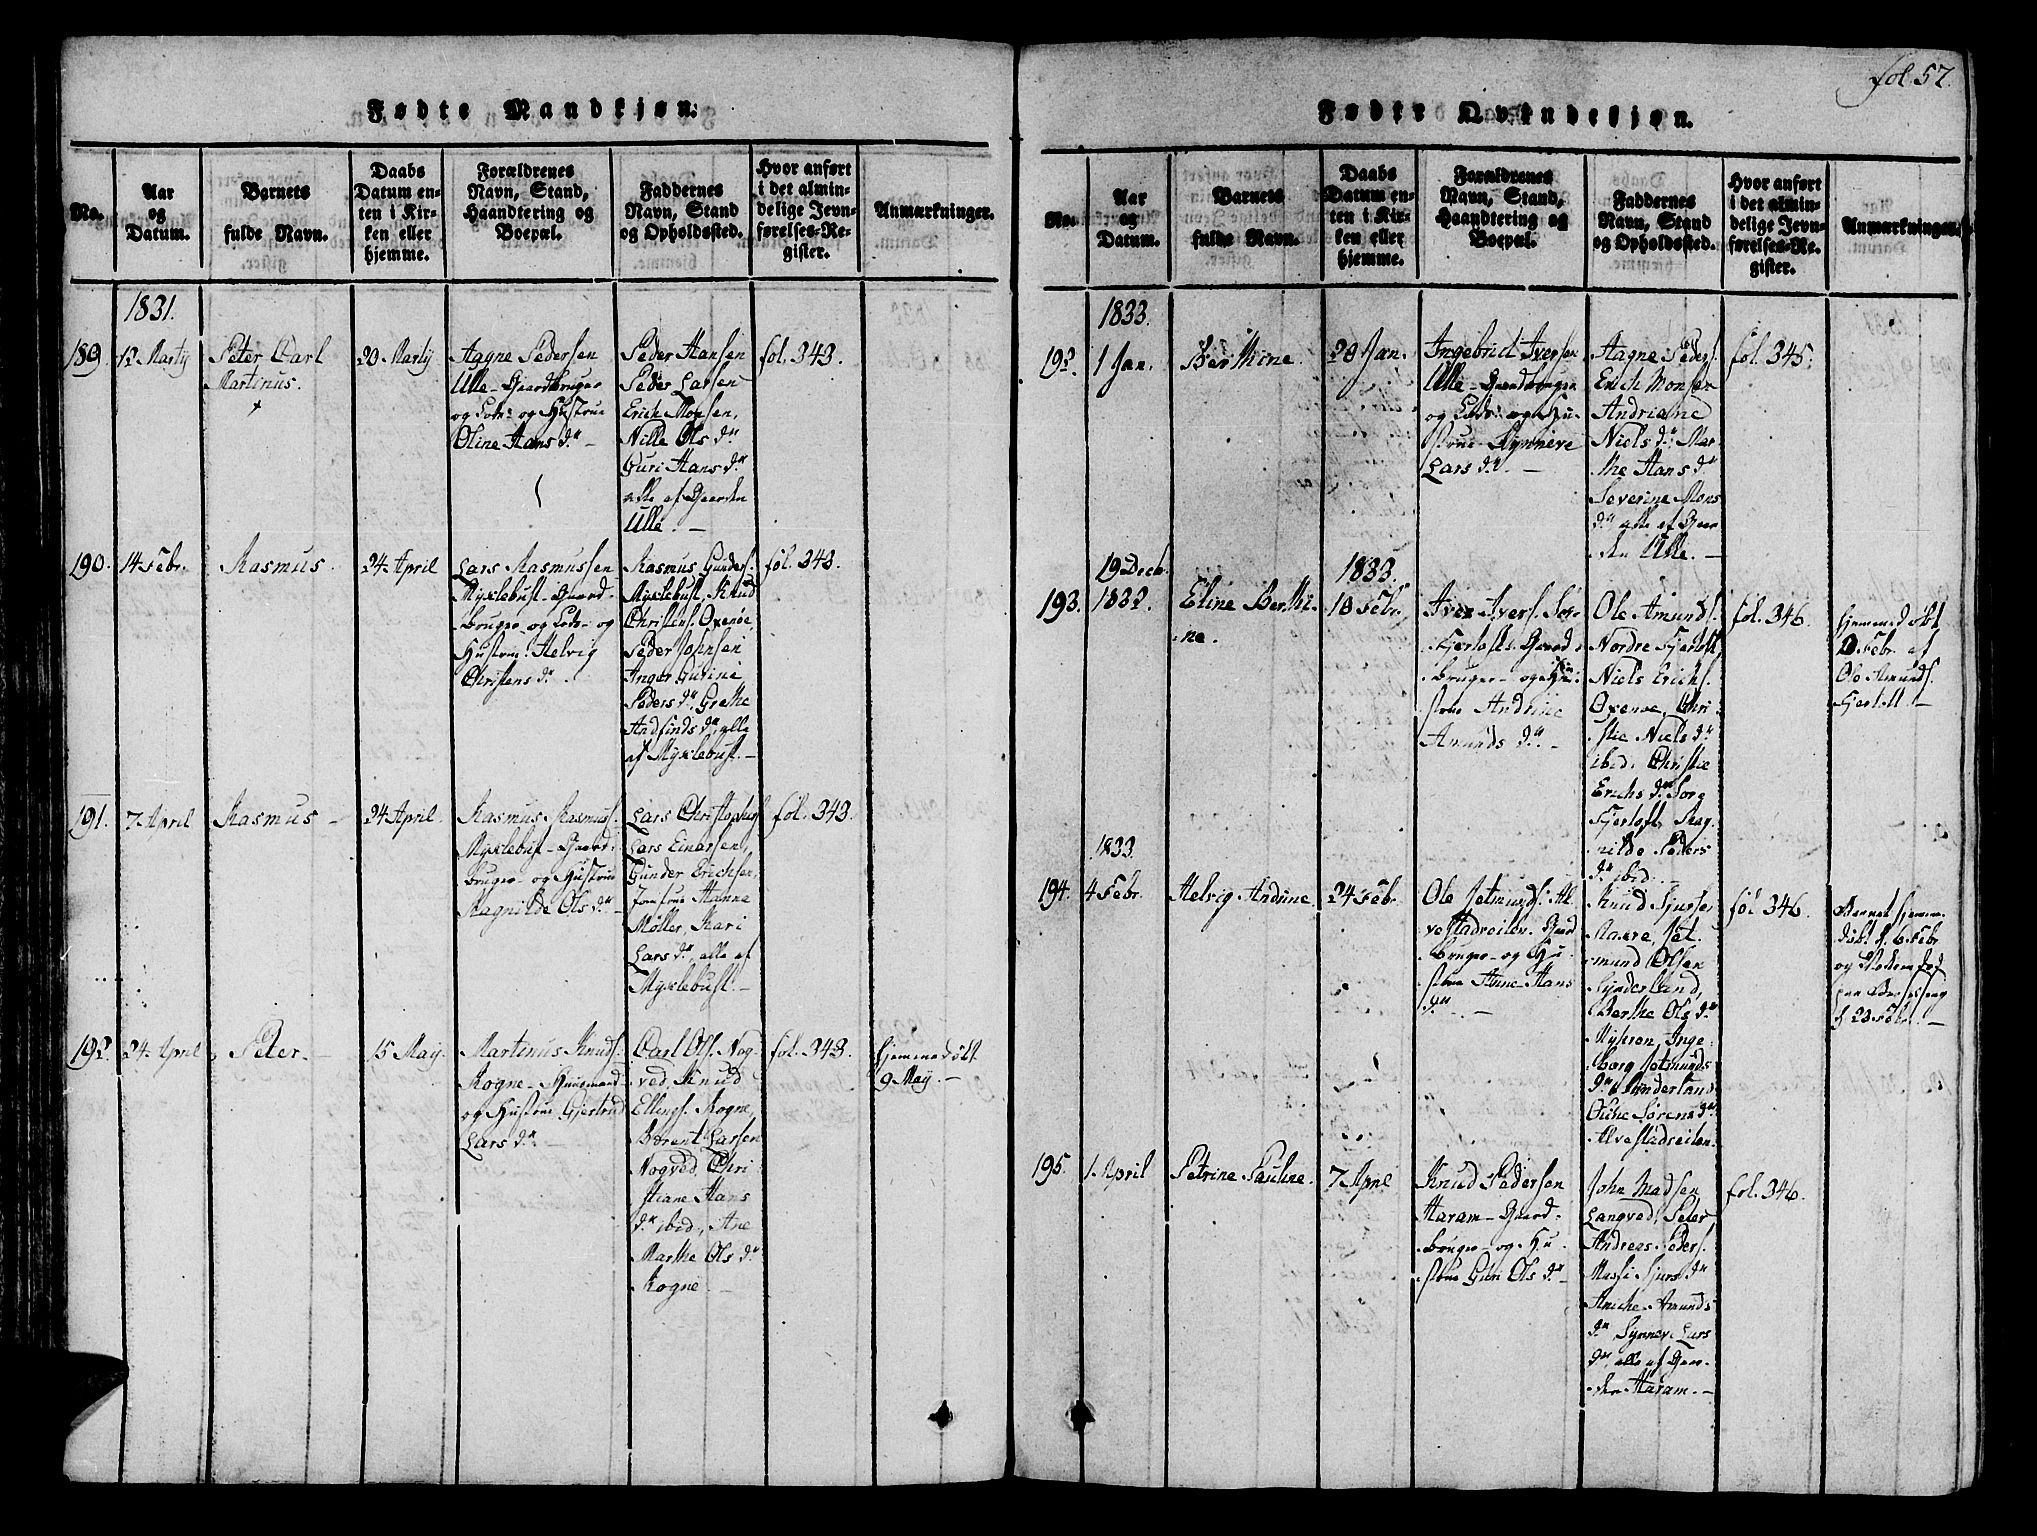 SAT, Ministerialprotokoller, klokkerbøker og fødselsregistre - Møre og Romsdal, 536/L0495: Ministerialbok nr. 536A04, 1818-1847, s. 57